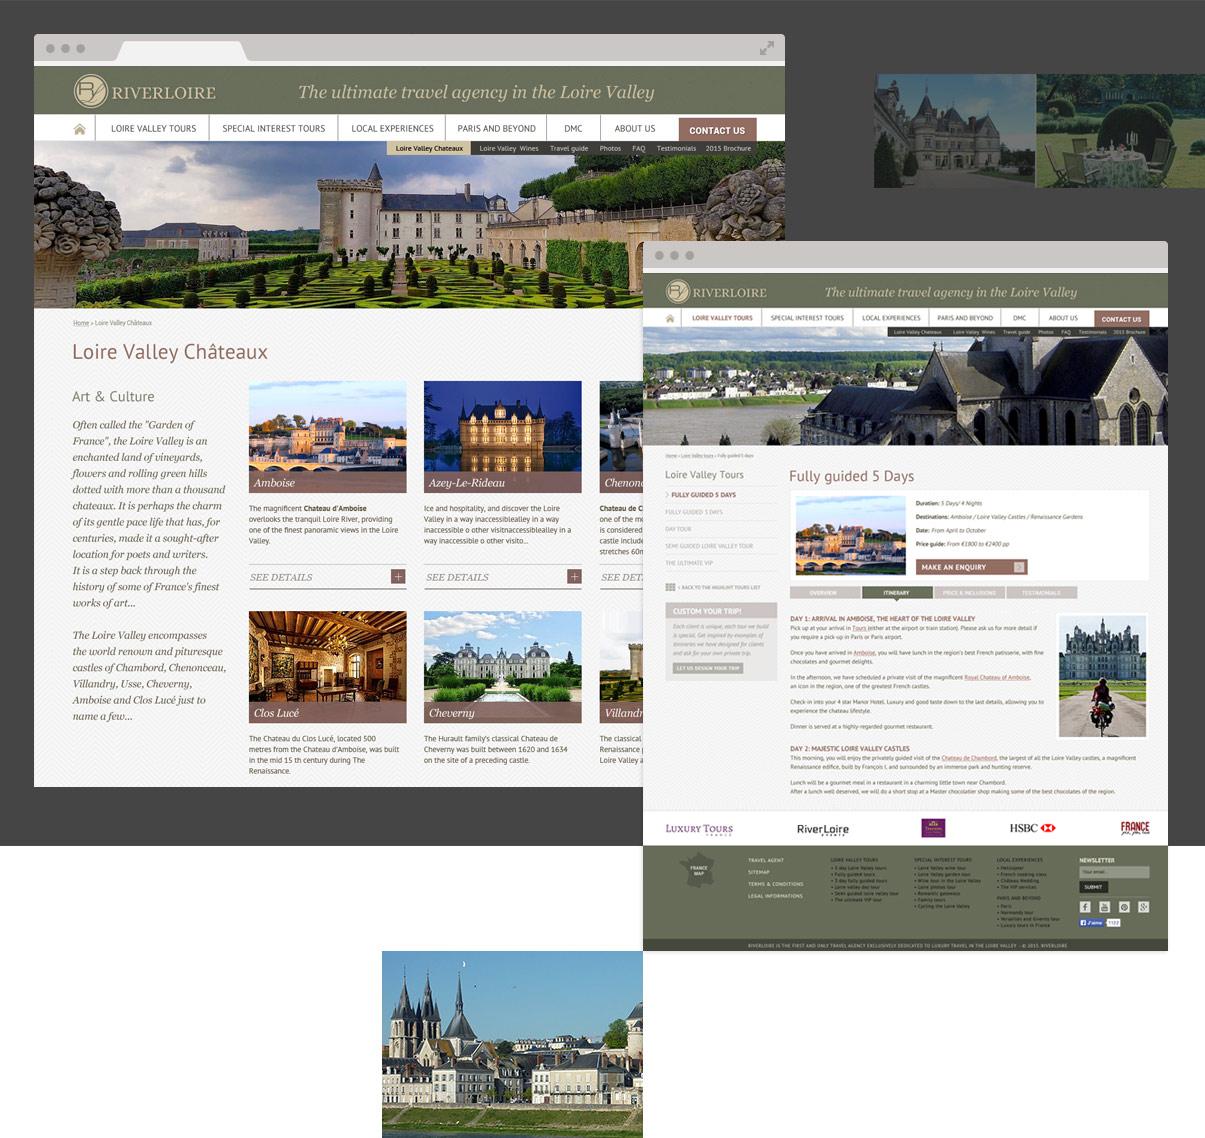 Riverloire - Pages intérieures - Tourisme - Val de Loire © ovarma.com